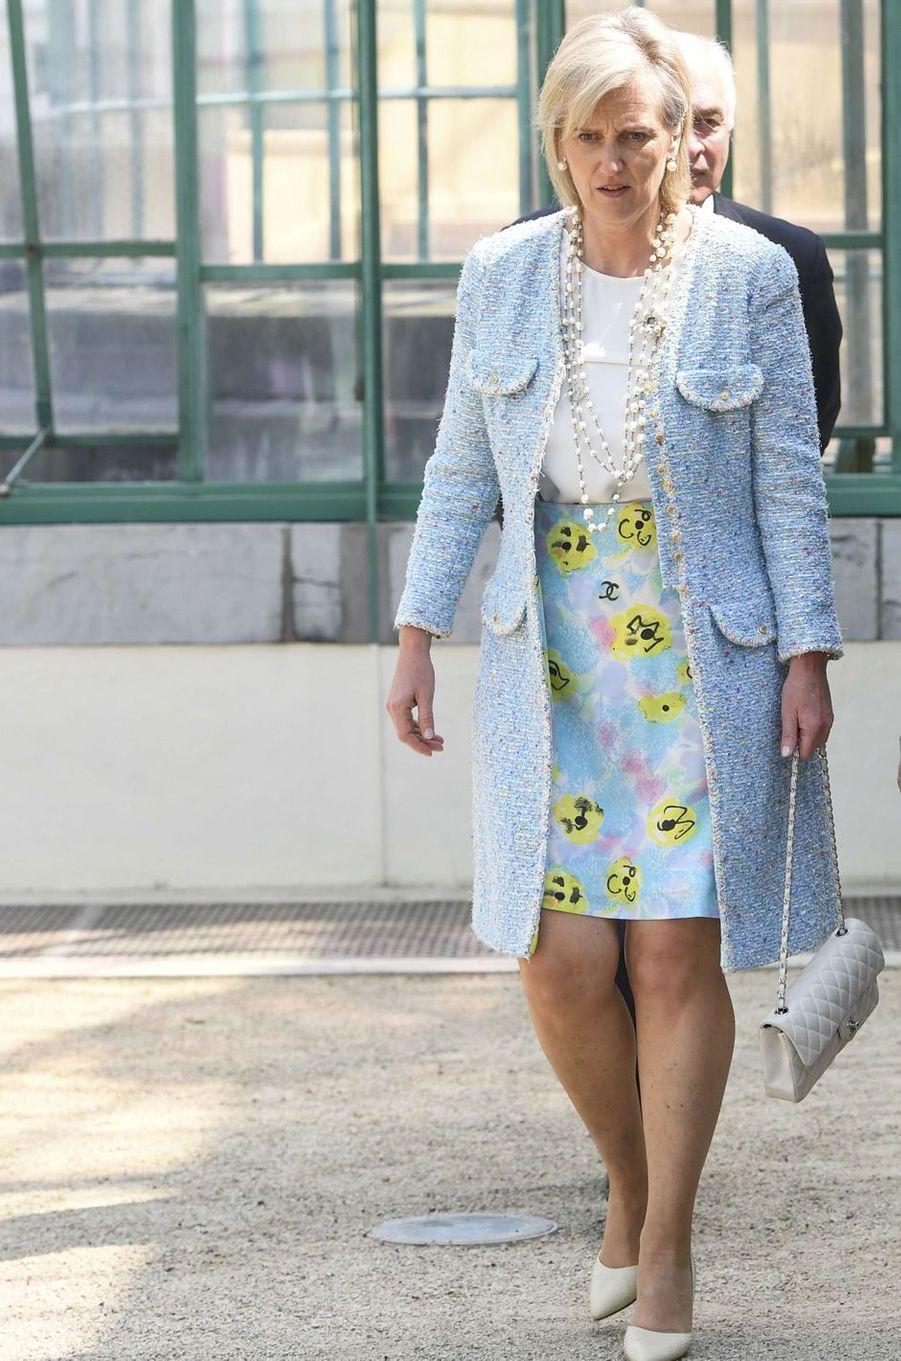 La princesse Astrid de Belgique, soeur du roi des Belges Philippe, à Bruxelles le 31 mai 2017